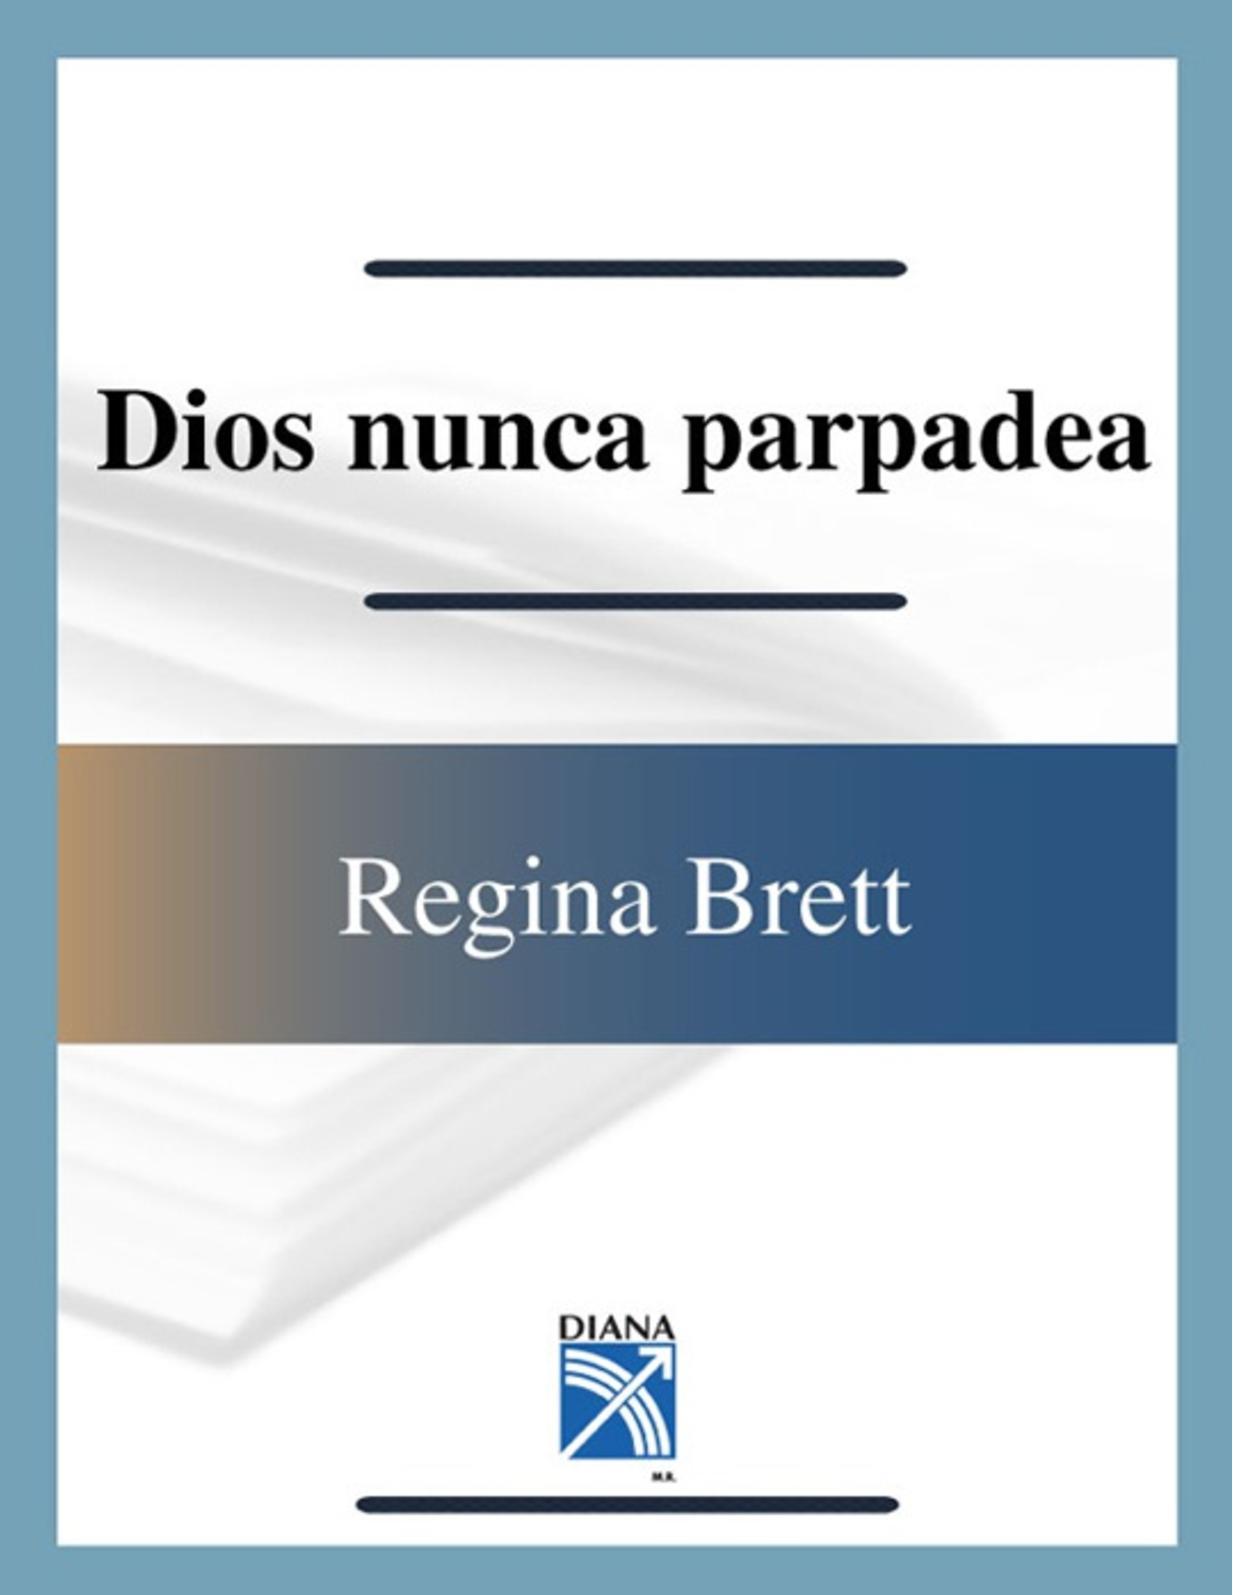 Calaméo - Dios Nunca Parpadea Regina Brett 8811d14b0ac4b